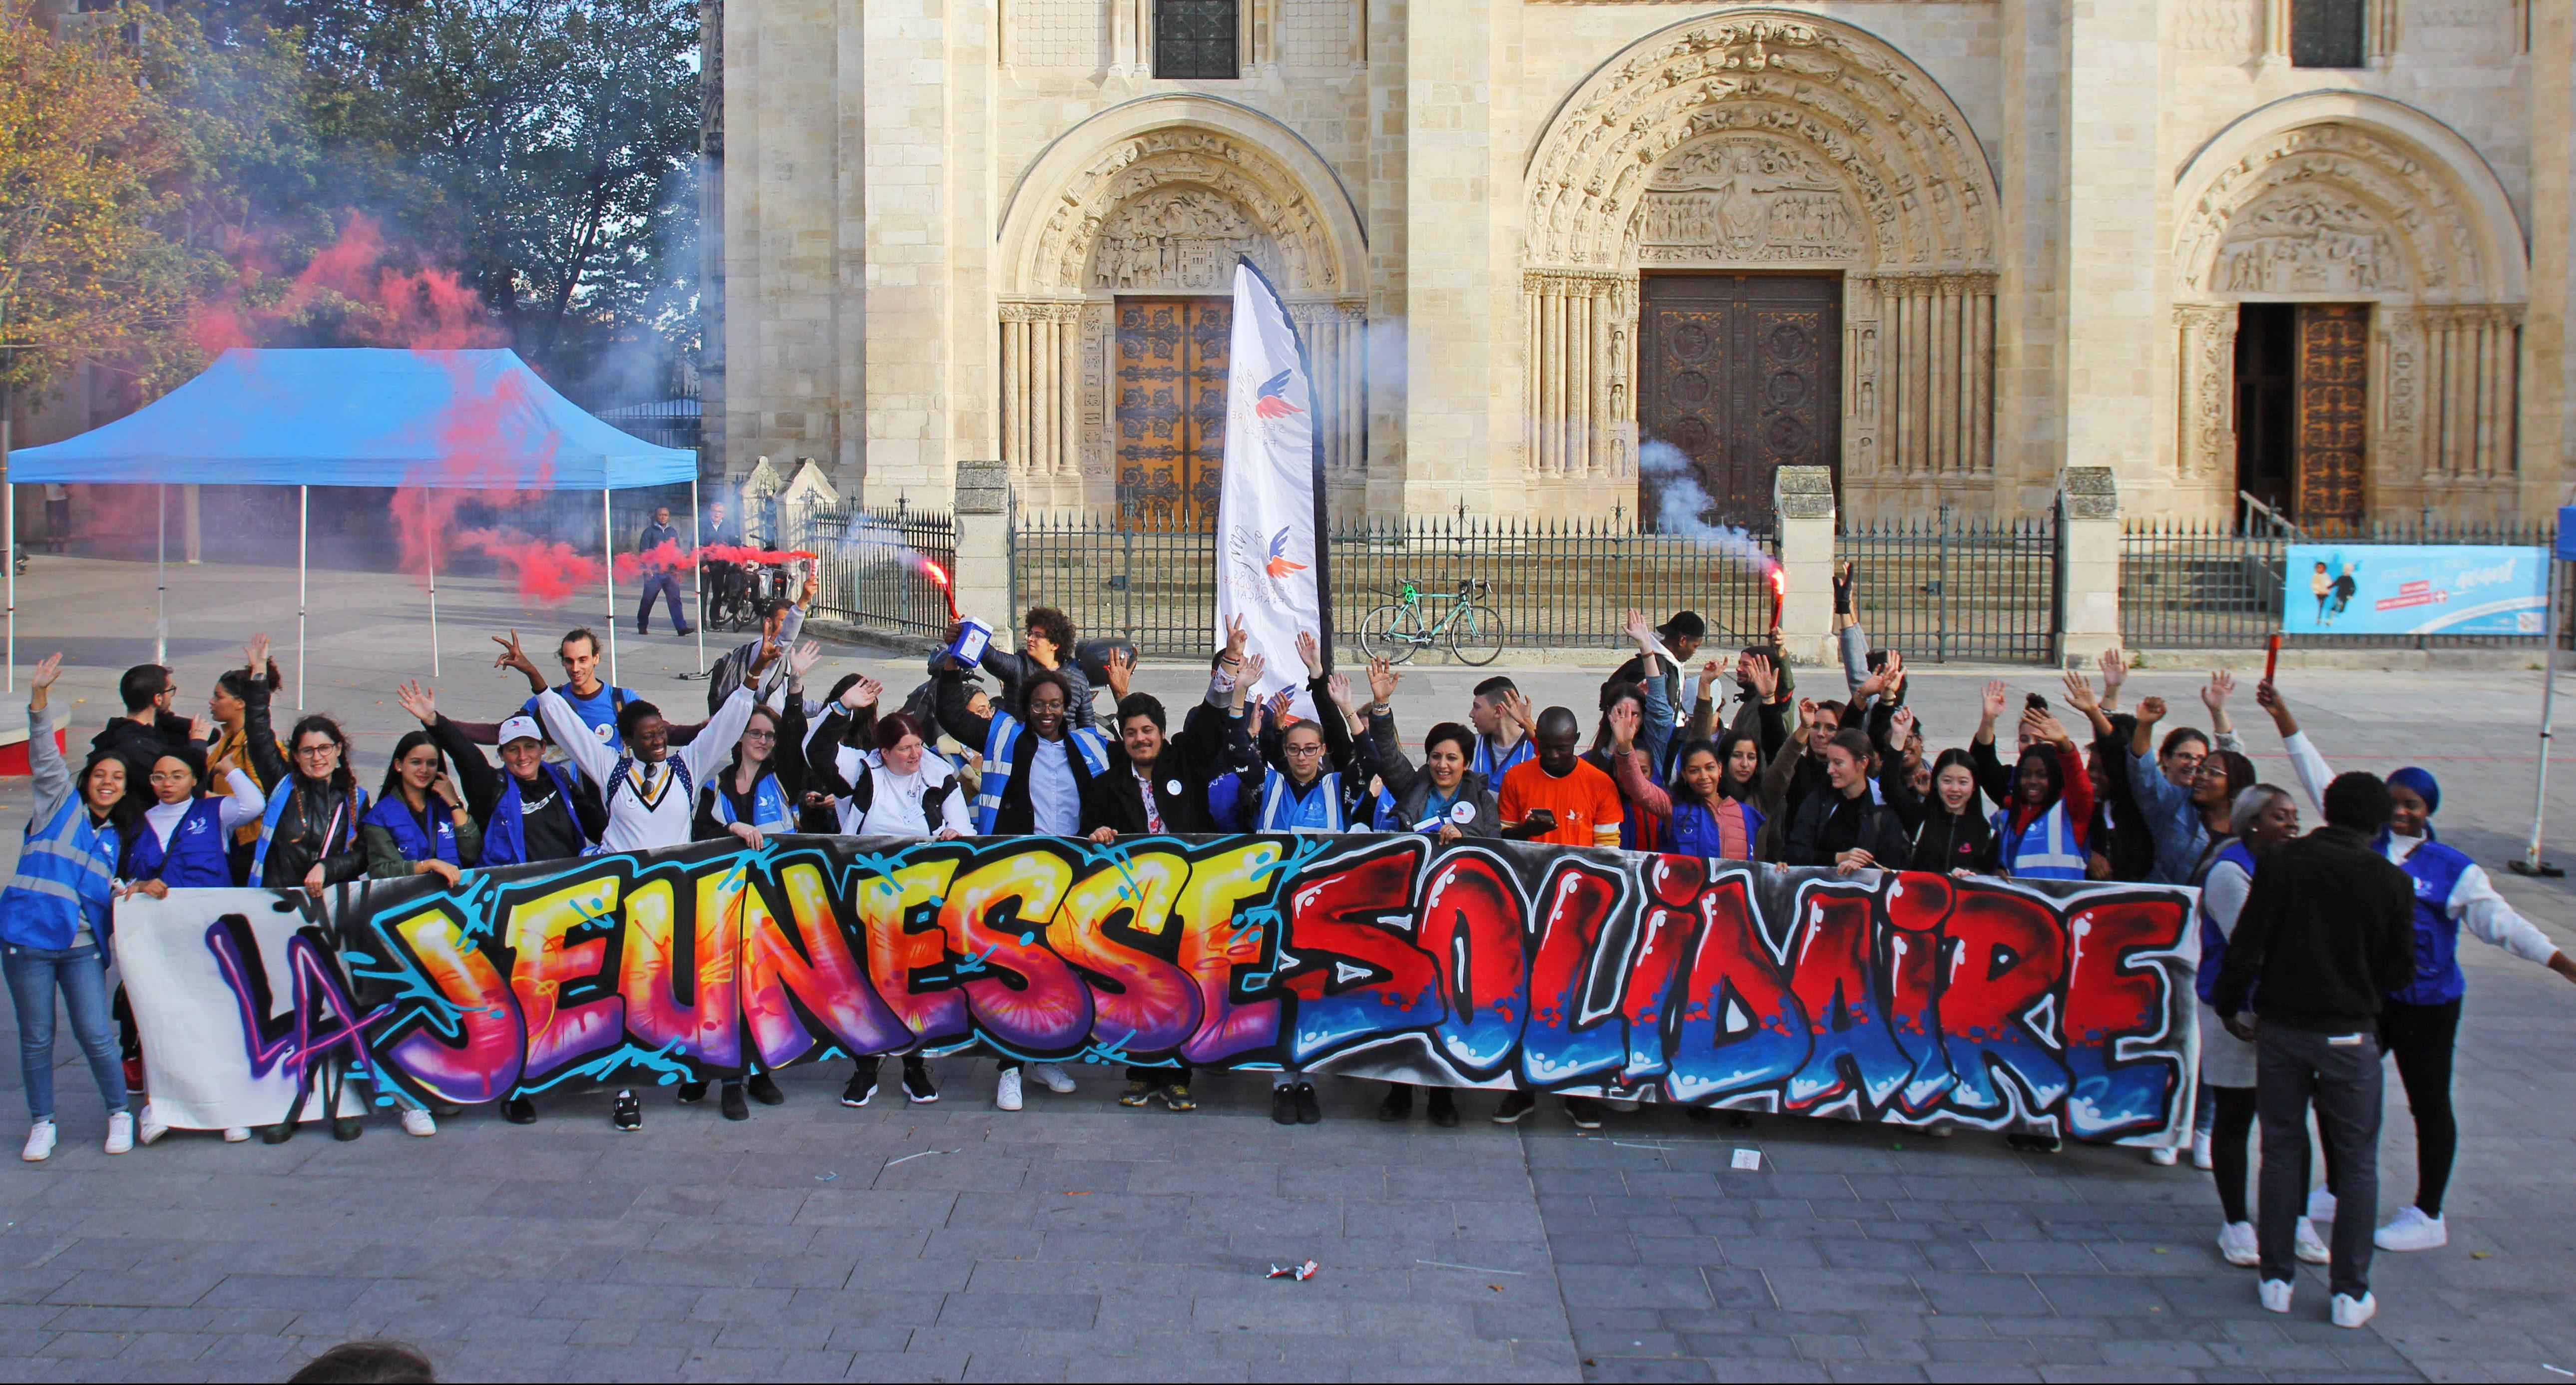 Rencontres des femmes dans Seine-Saint-Denis - Site de rencontre gratuit Seine-Saint-Denis - page 8